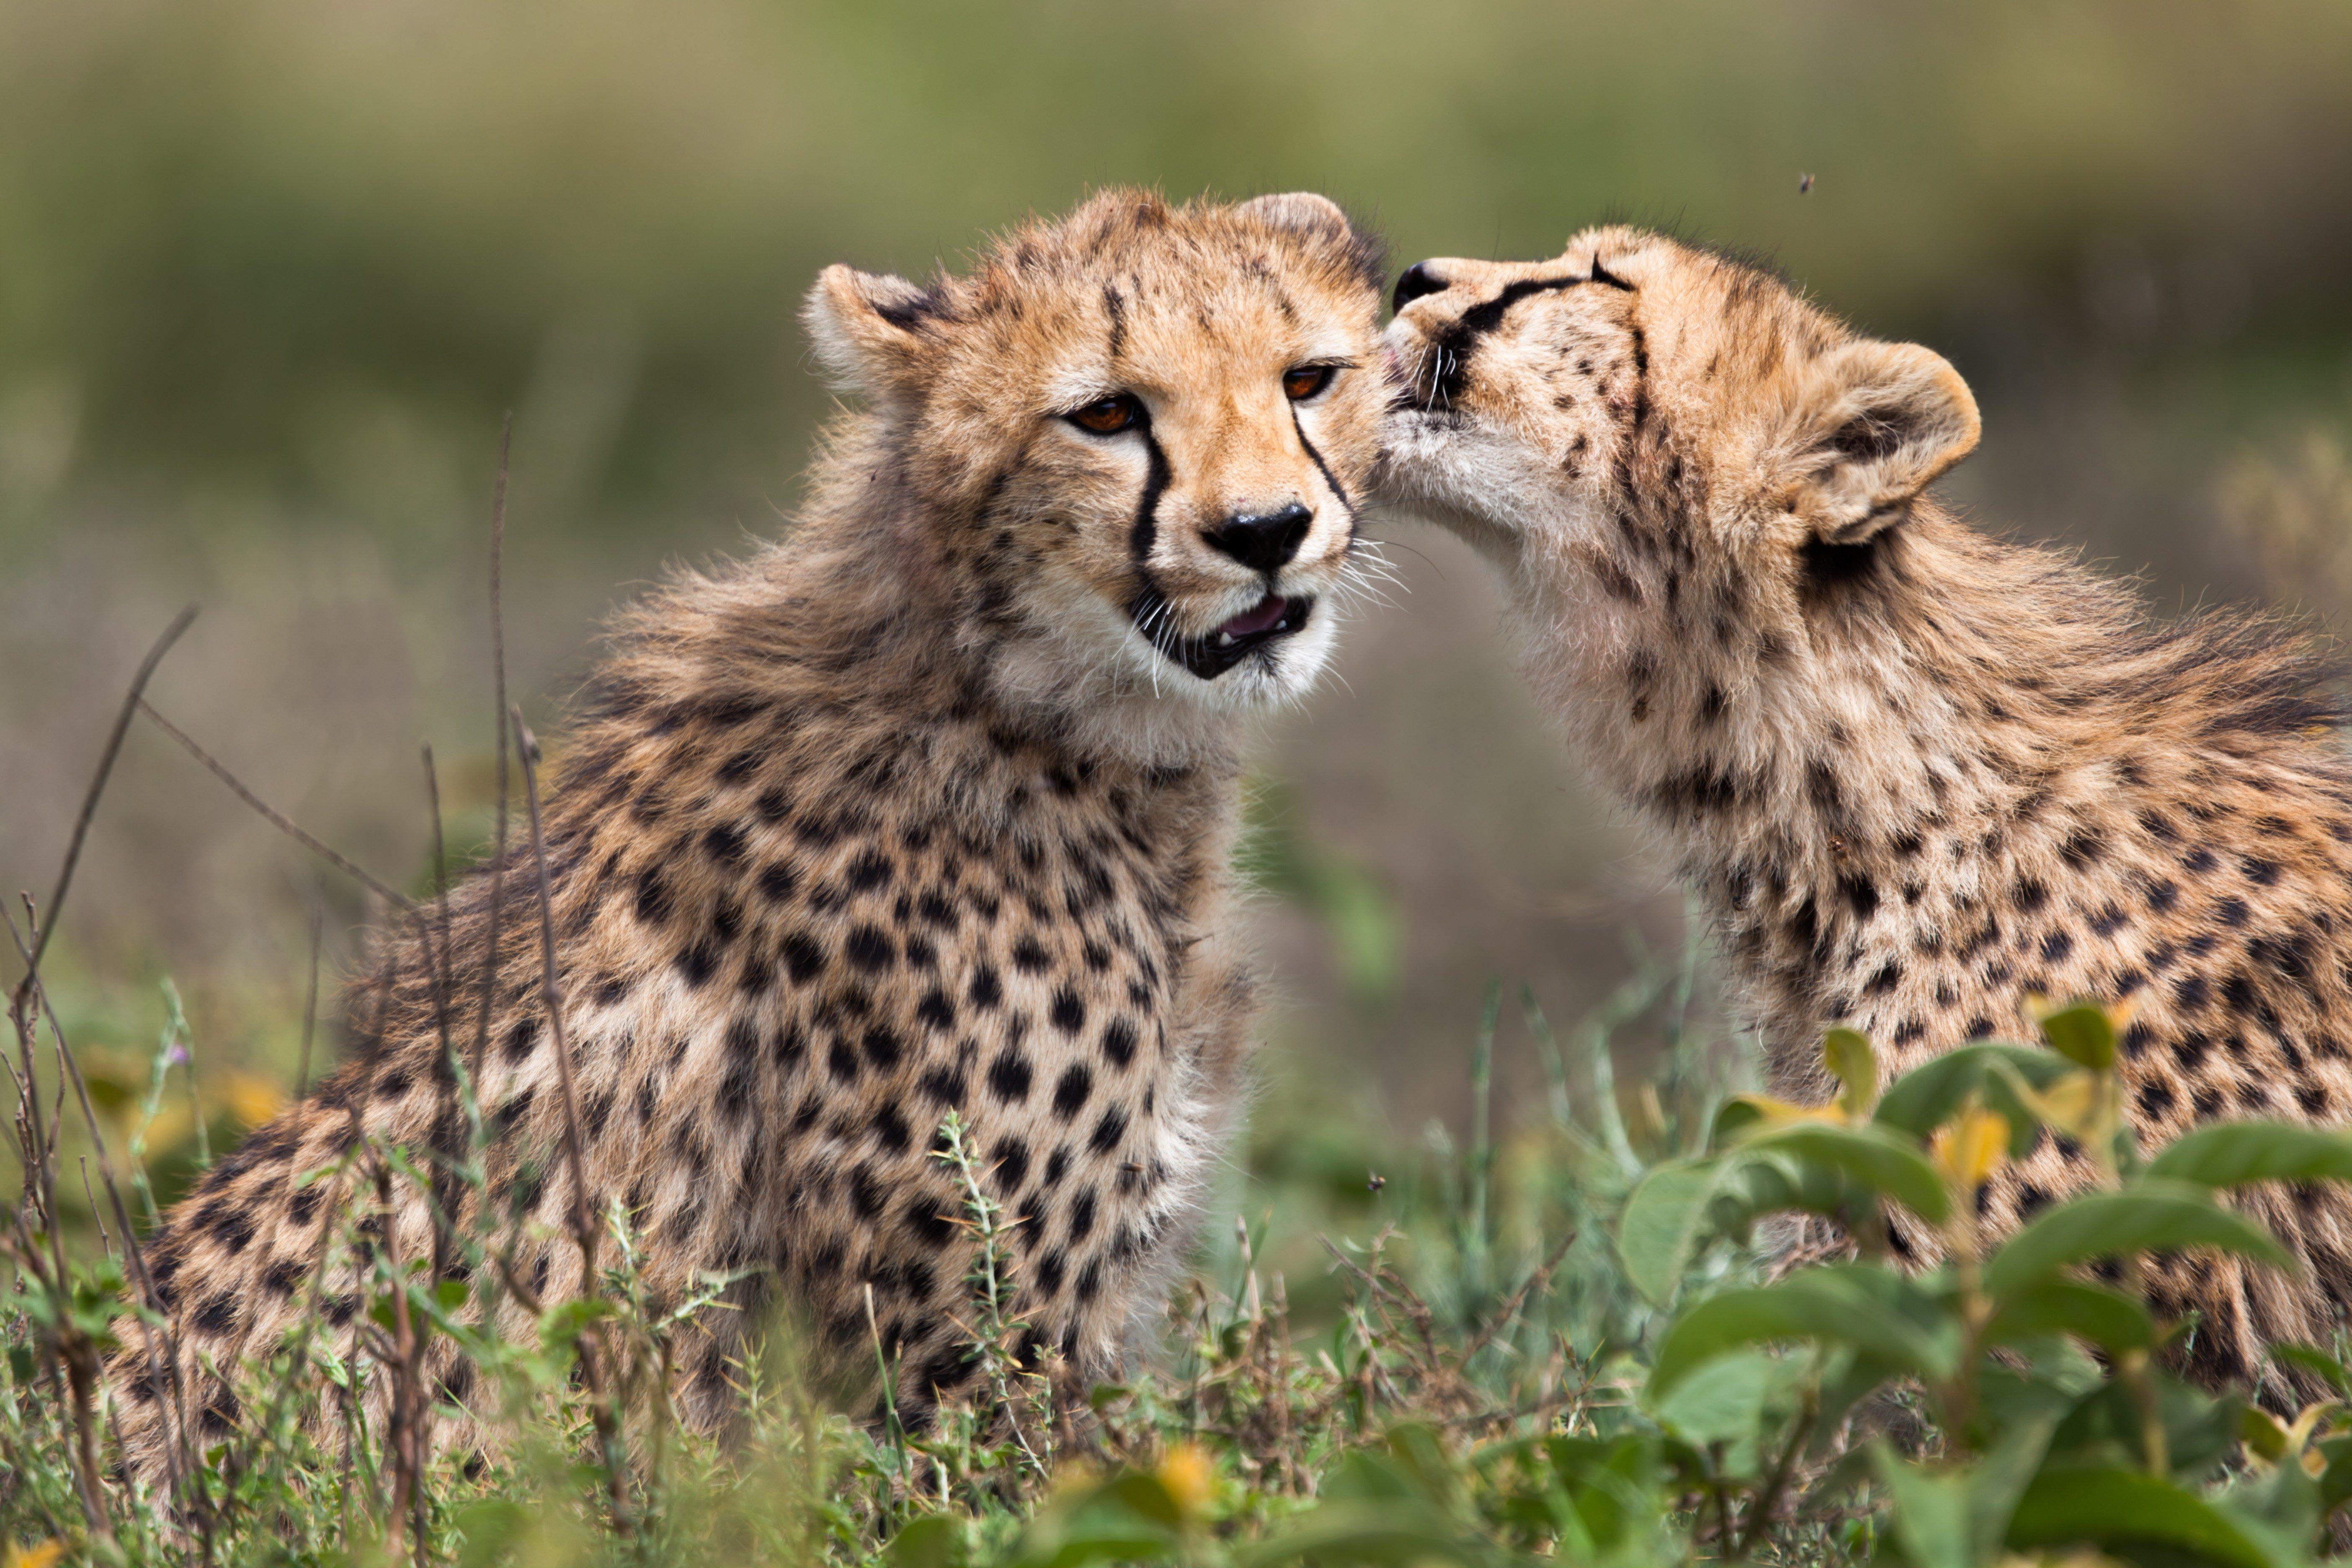 Cheetah cub licking his sister after eating